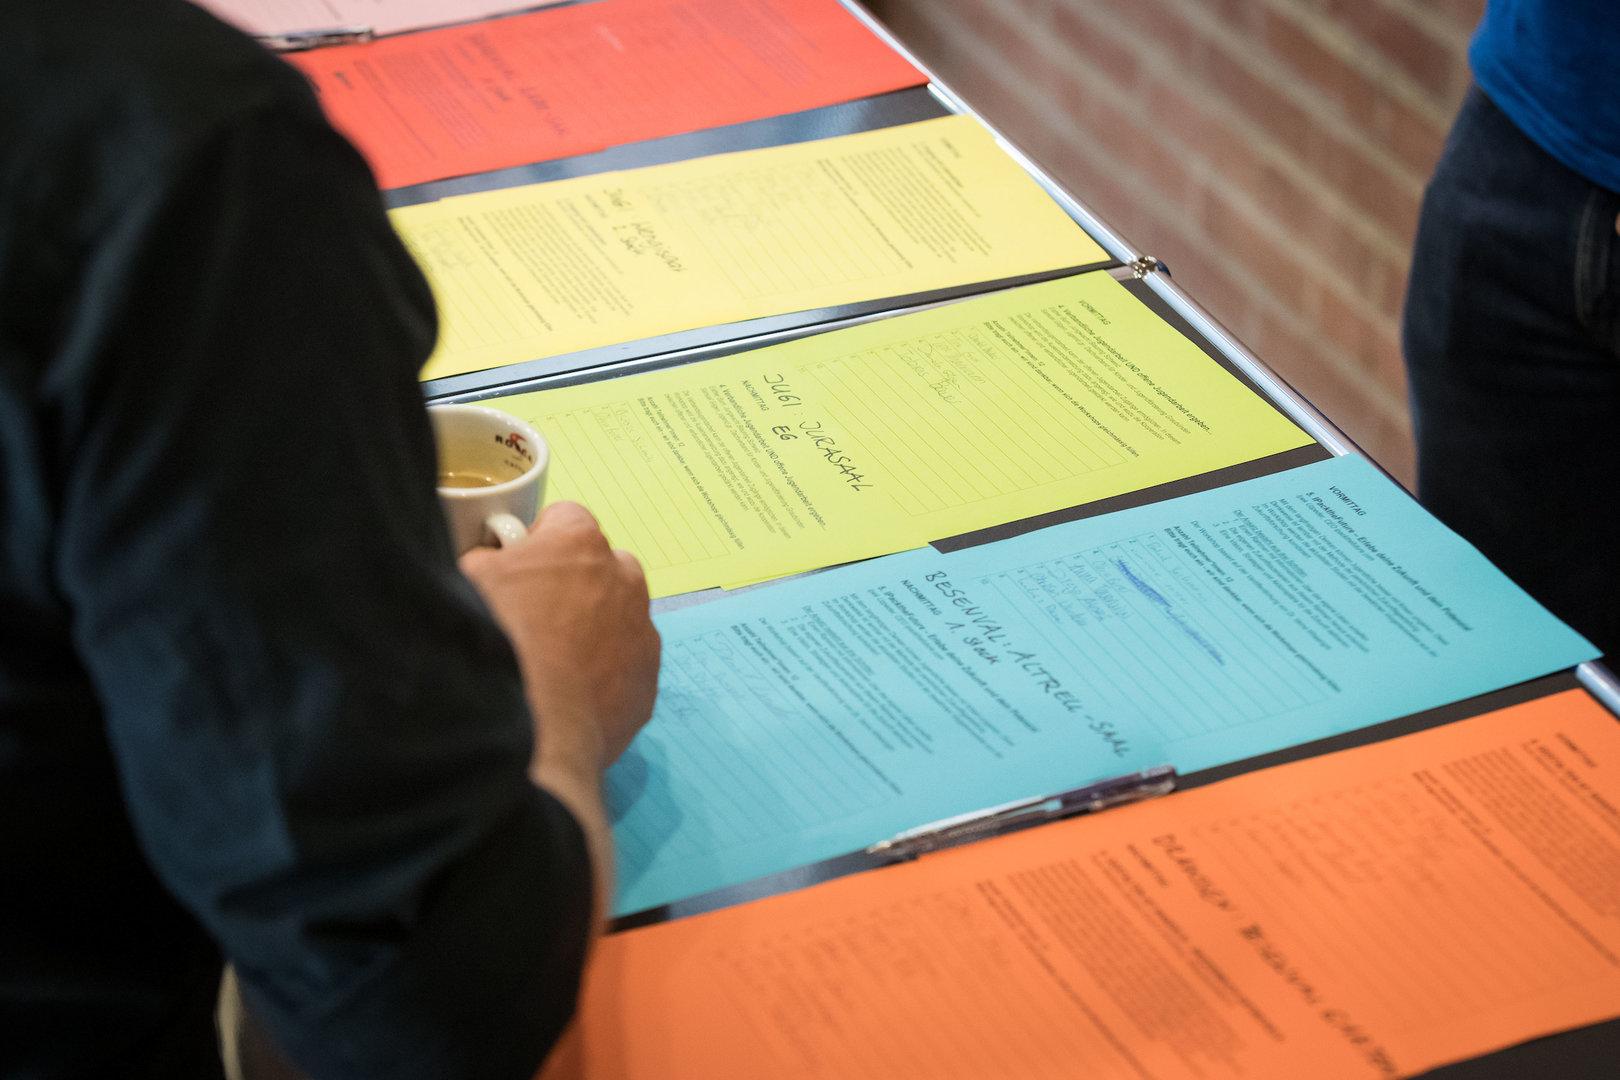 Sechs Workshops zur Auswahl - die Blätter füllen sich rasch.